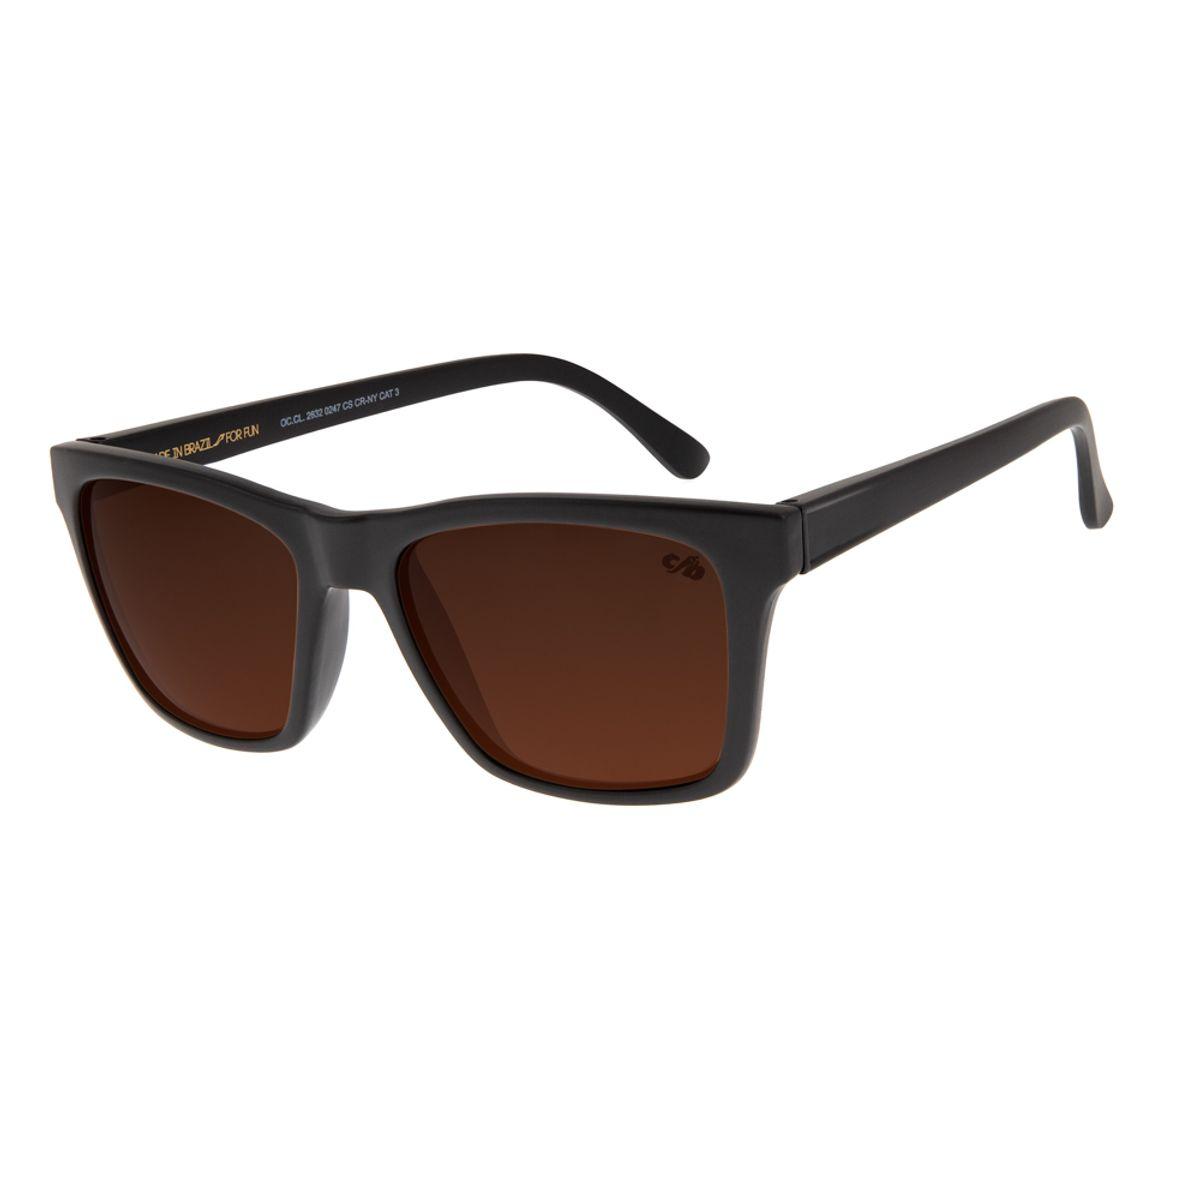 0a890c02d Óculos de Sol Masculino Chilli Beans Clássico Marrom Escuro 2632 ...